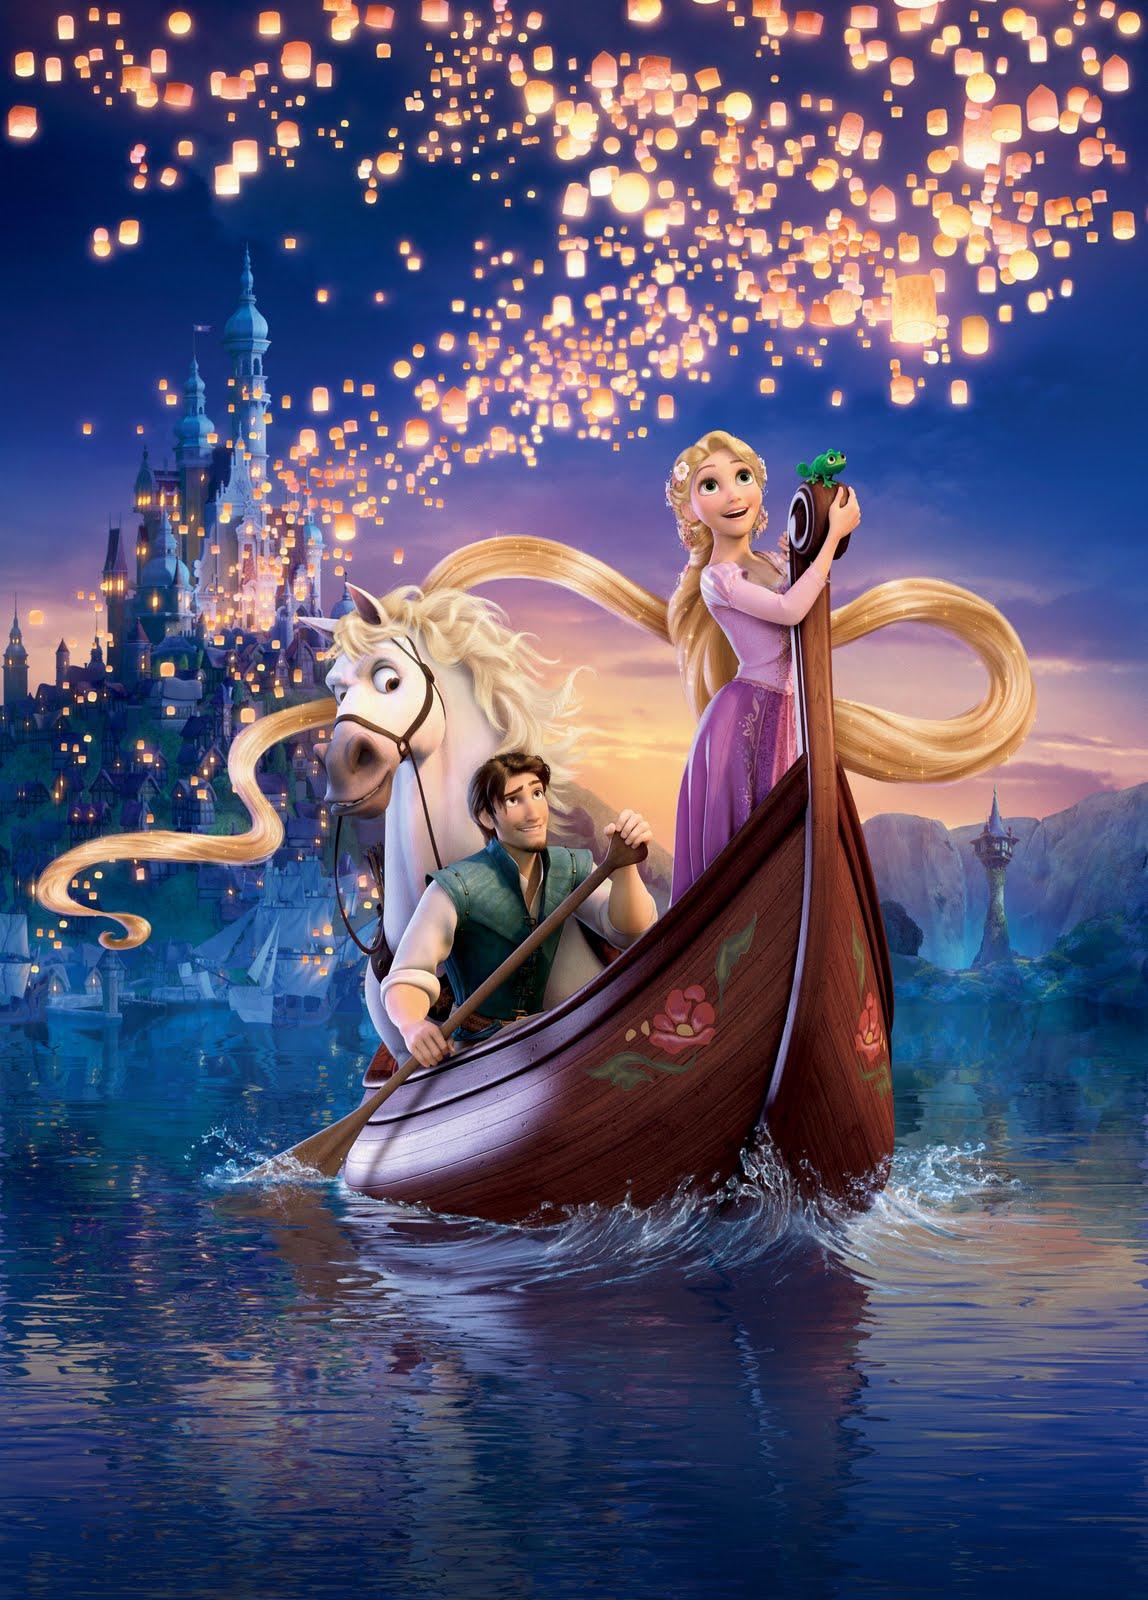 Todo Disney: Enredados